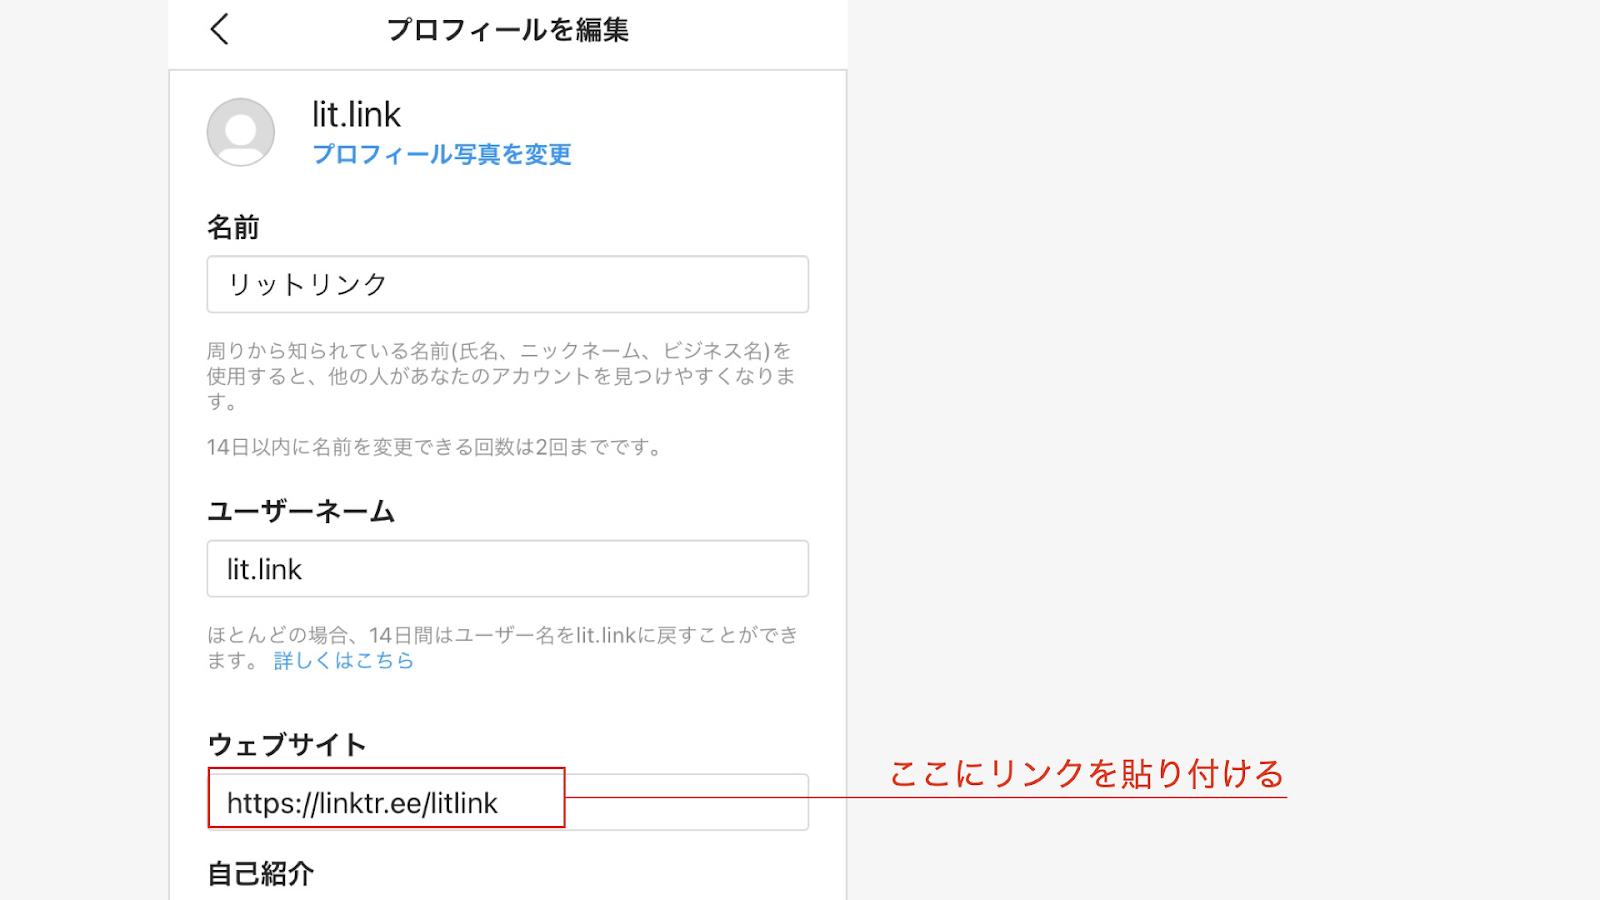 ウェブサイト URL 貼り付け